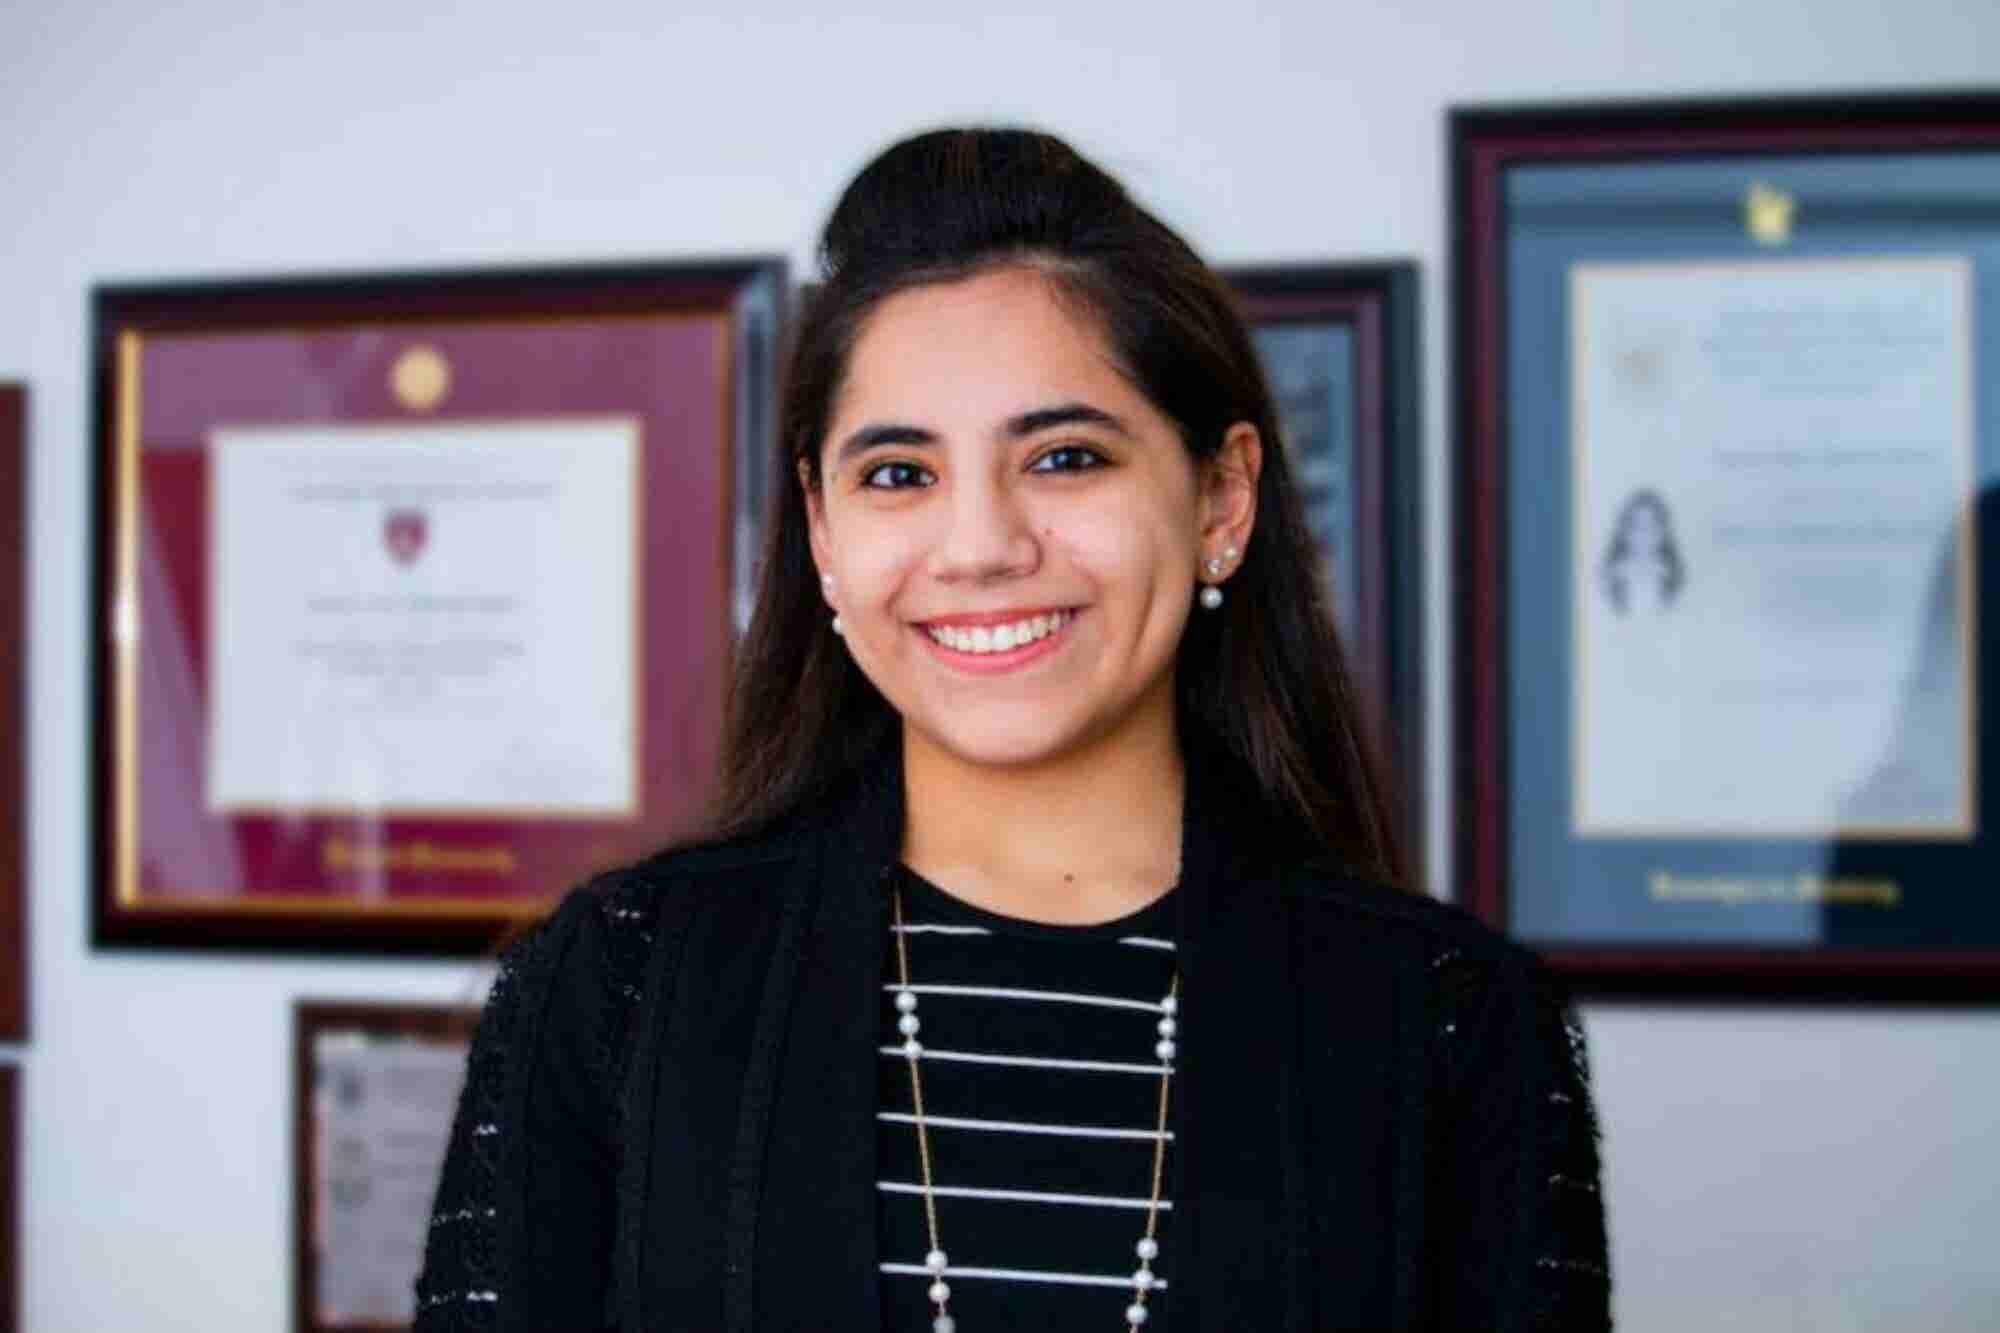 La psicóloga mexicana más joven del mundo gana premio de la juventud